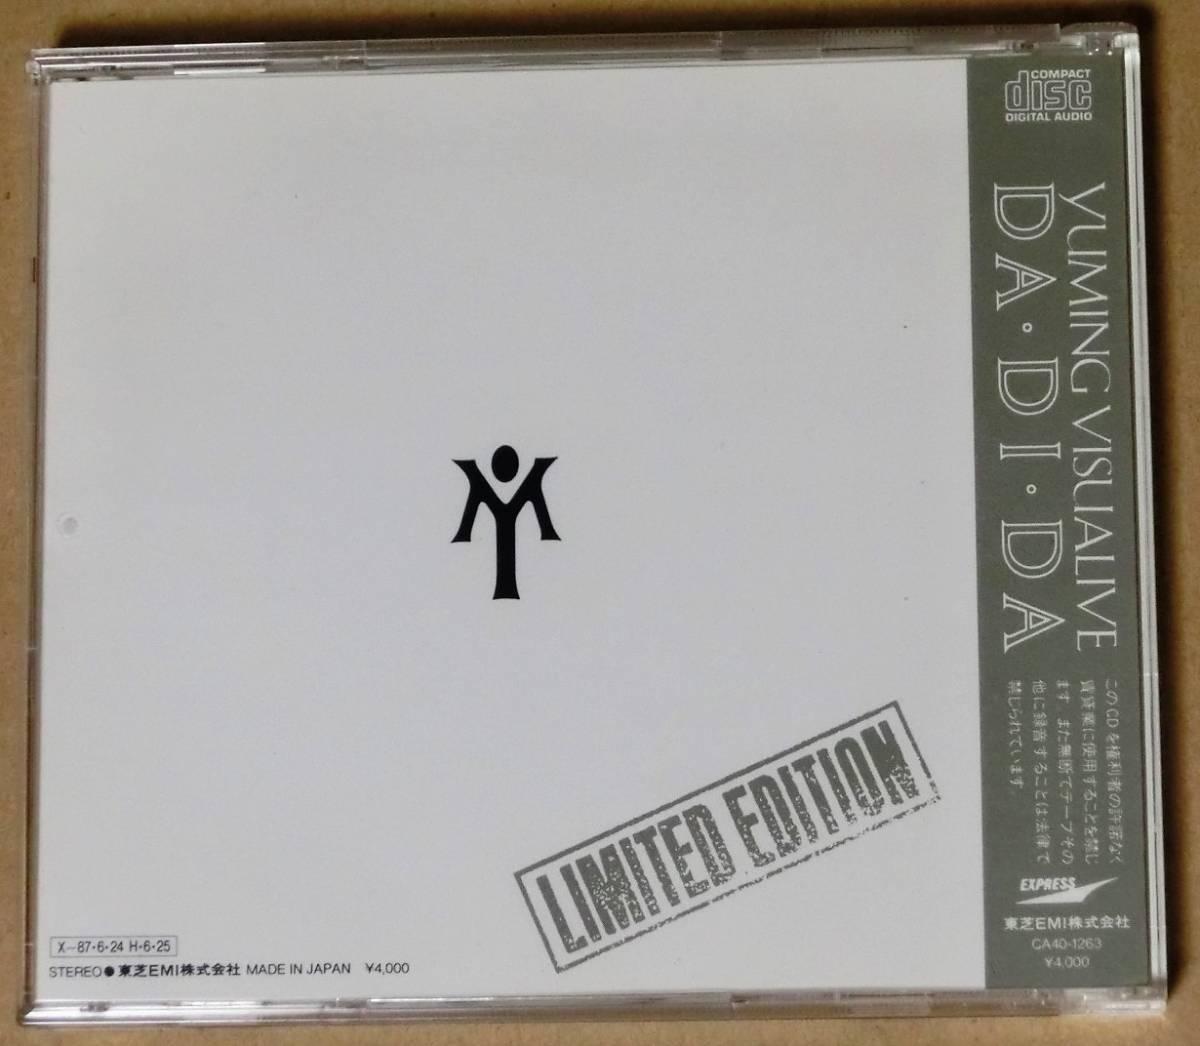 【パンフ&ケース付】松任谷由実 CD 『YUMING VISUALIVE DA・DI・DA / ダ・ディ・ダ』 限定盤_画像4